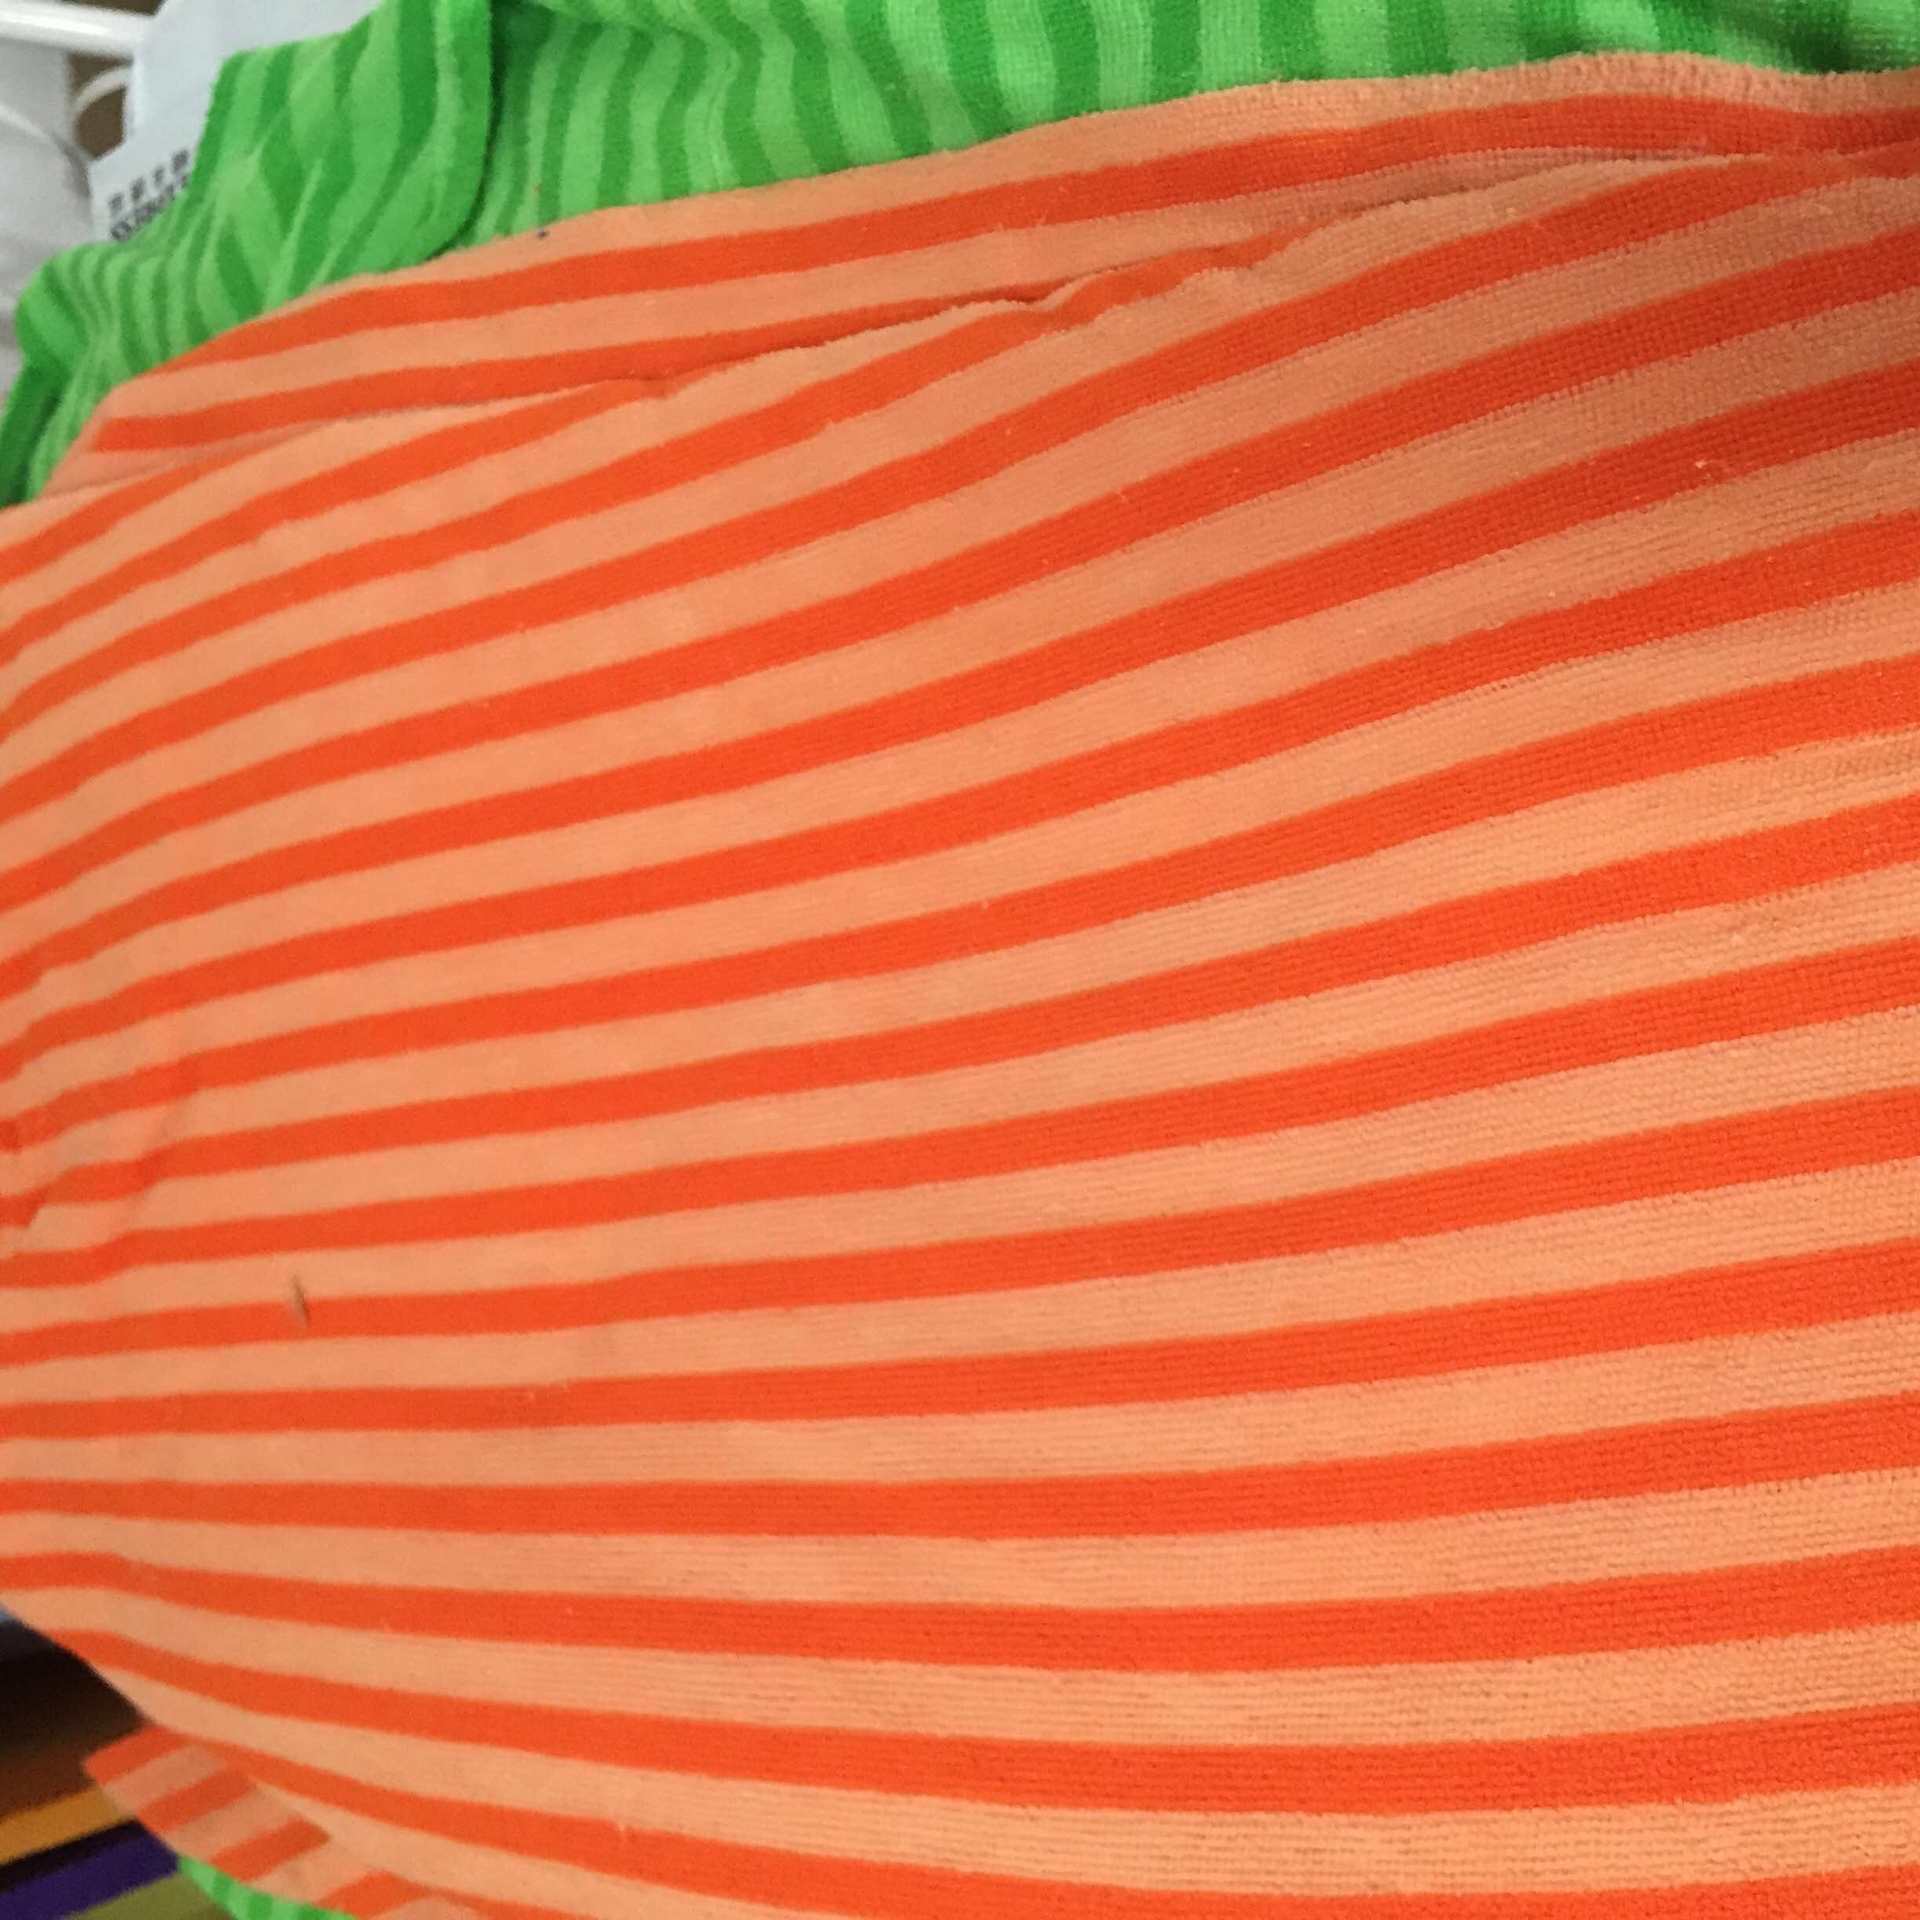 Tranh xếp hình 3D Chương trình bảo vệ Ai Cập... vải xoắn ốc xoắn ốc... vải xám, sợi vải vóc, xoắn ốc